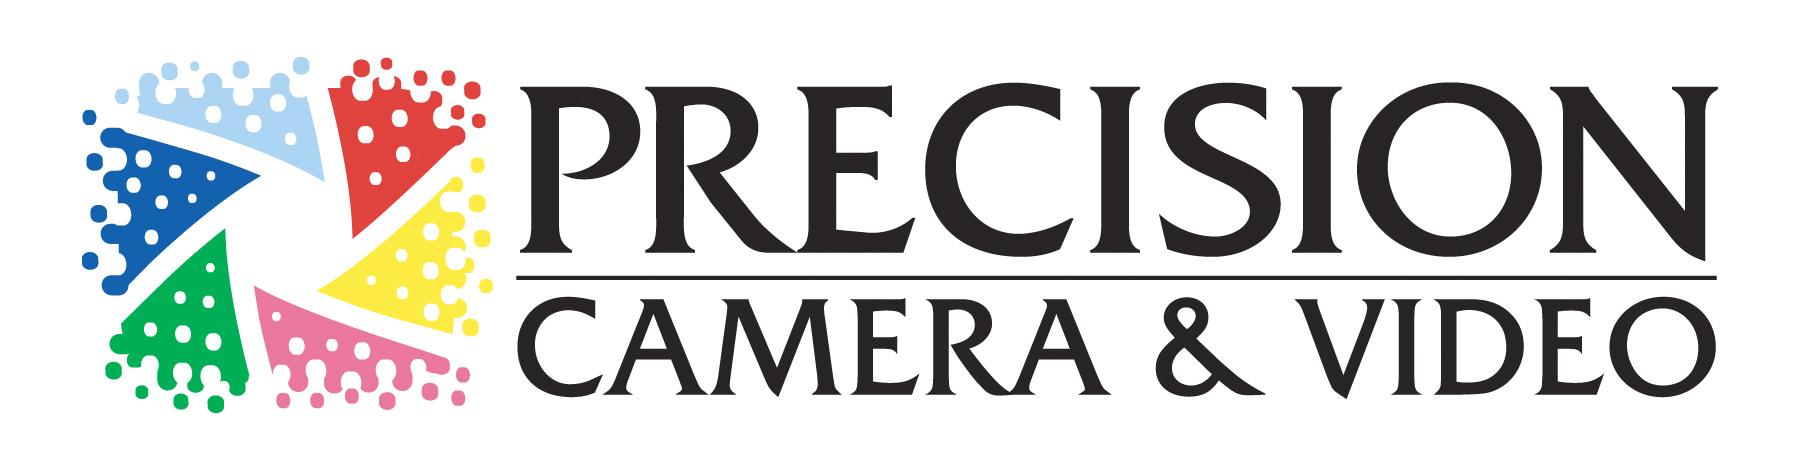 pcv_logo_rgb.jpg